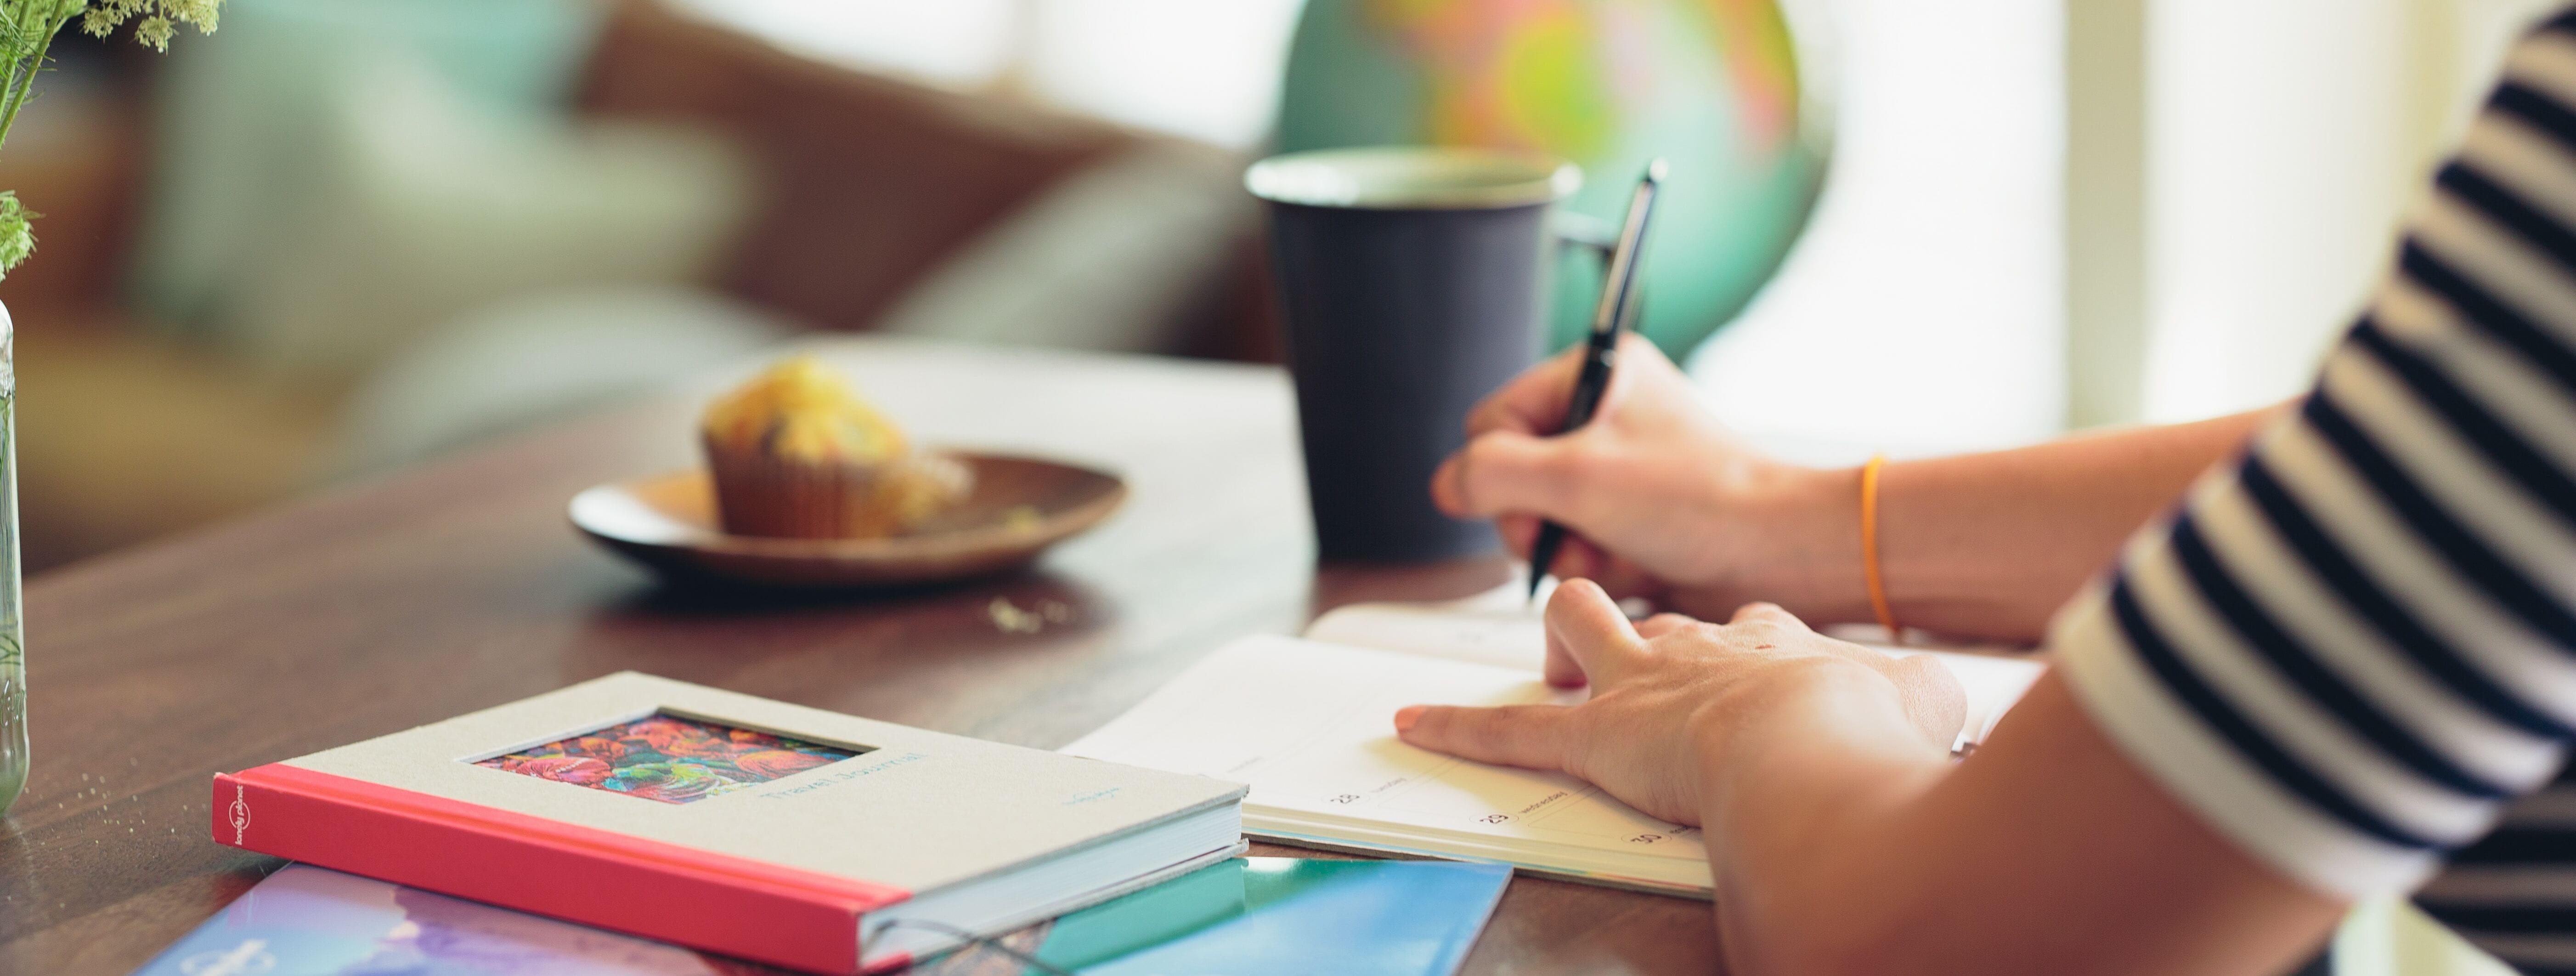 Imagem de uma mesa cheia de materiais de estudo e uma pessoa escrevendo em um caderno em cima dela.